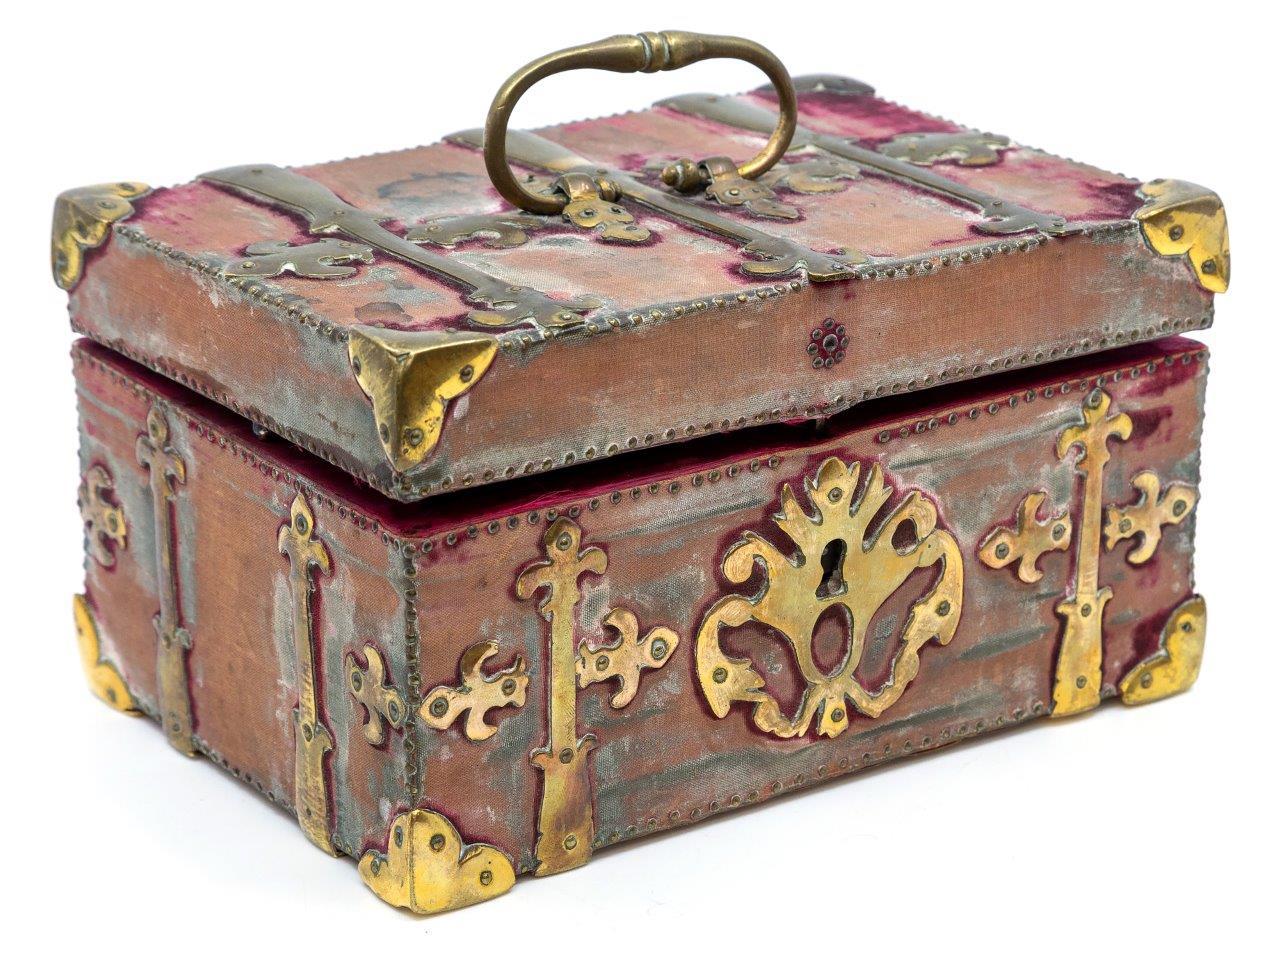 A caixa possui detalhes entalhados. (Fonte: Hansons Auctioneers)